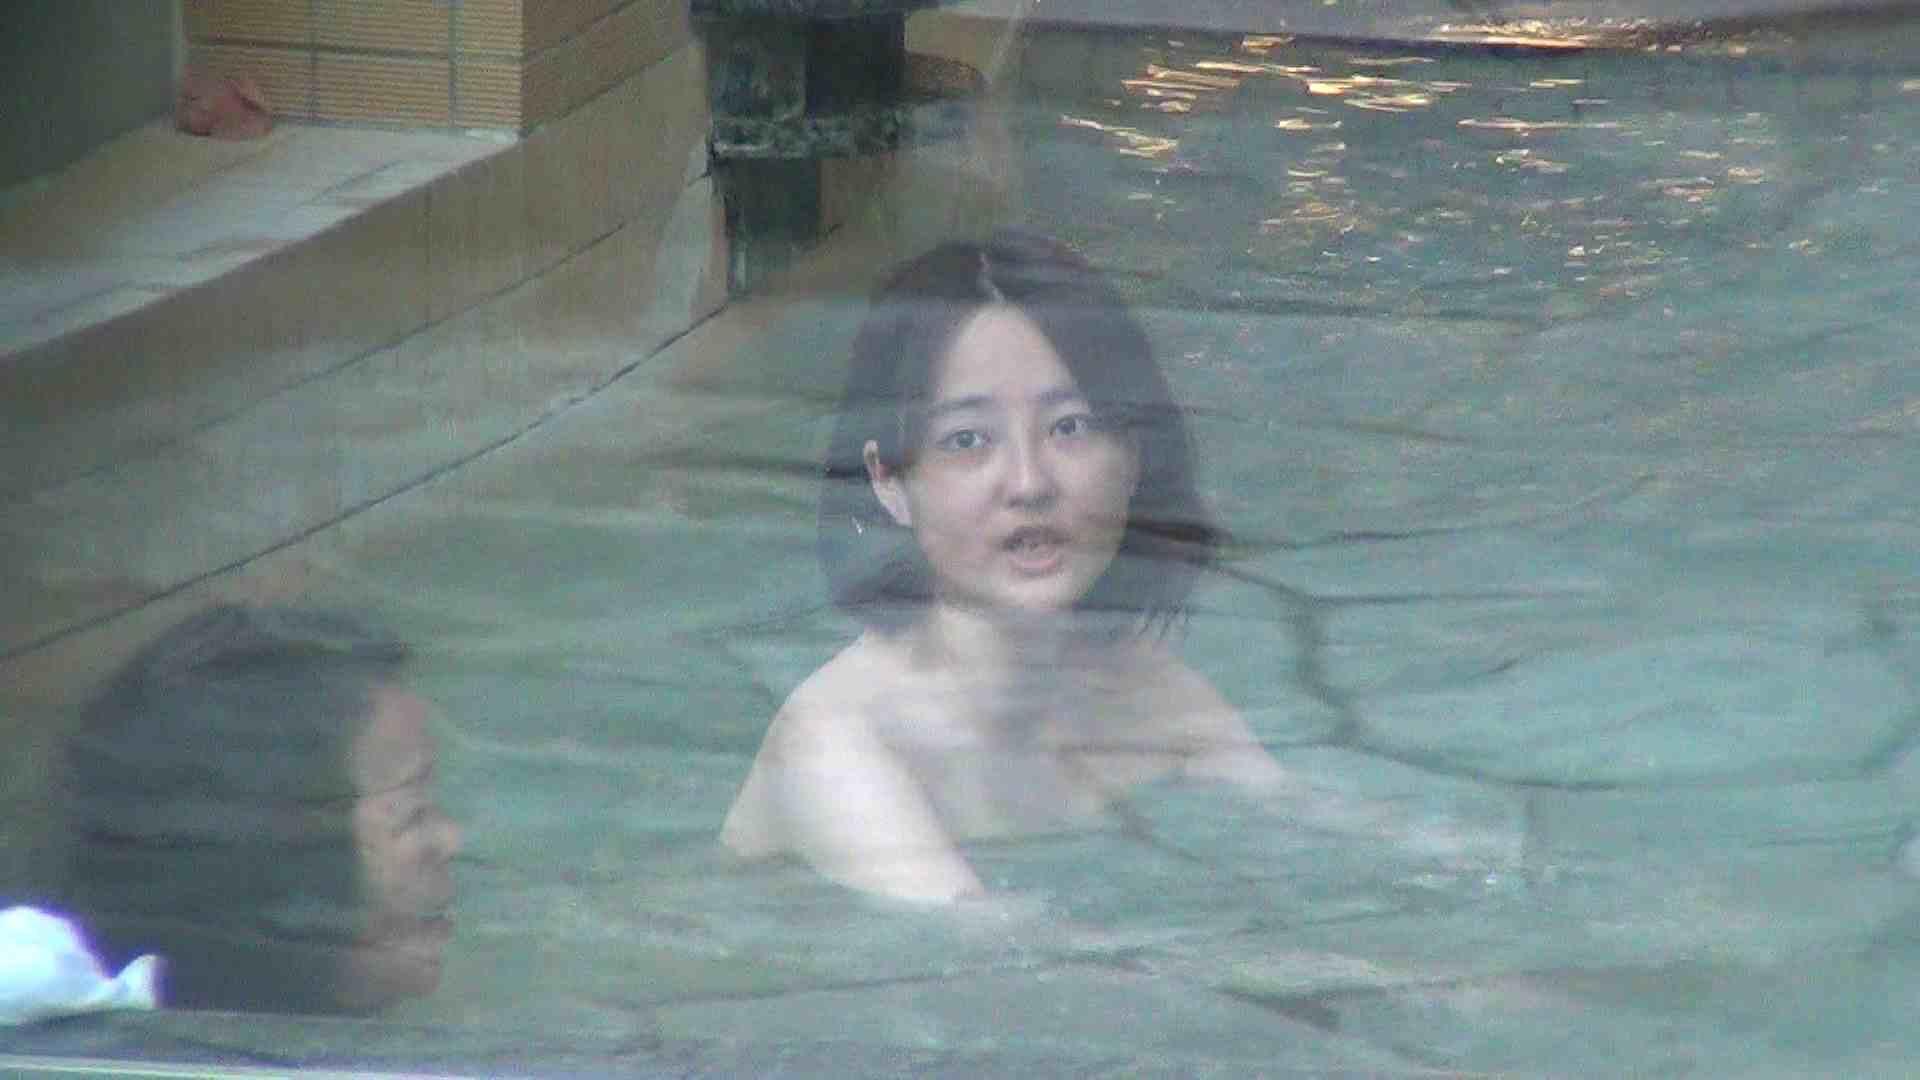 Aquaな露天風呂Vol.297 OLエロ画像  99PICs 78